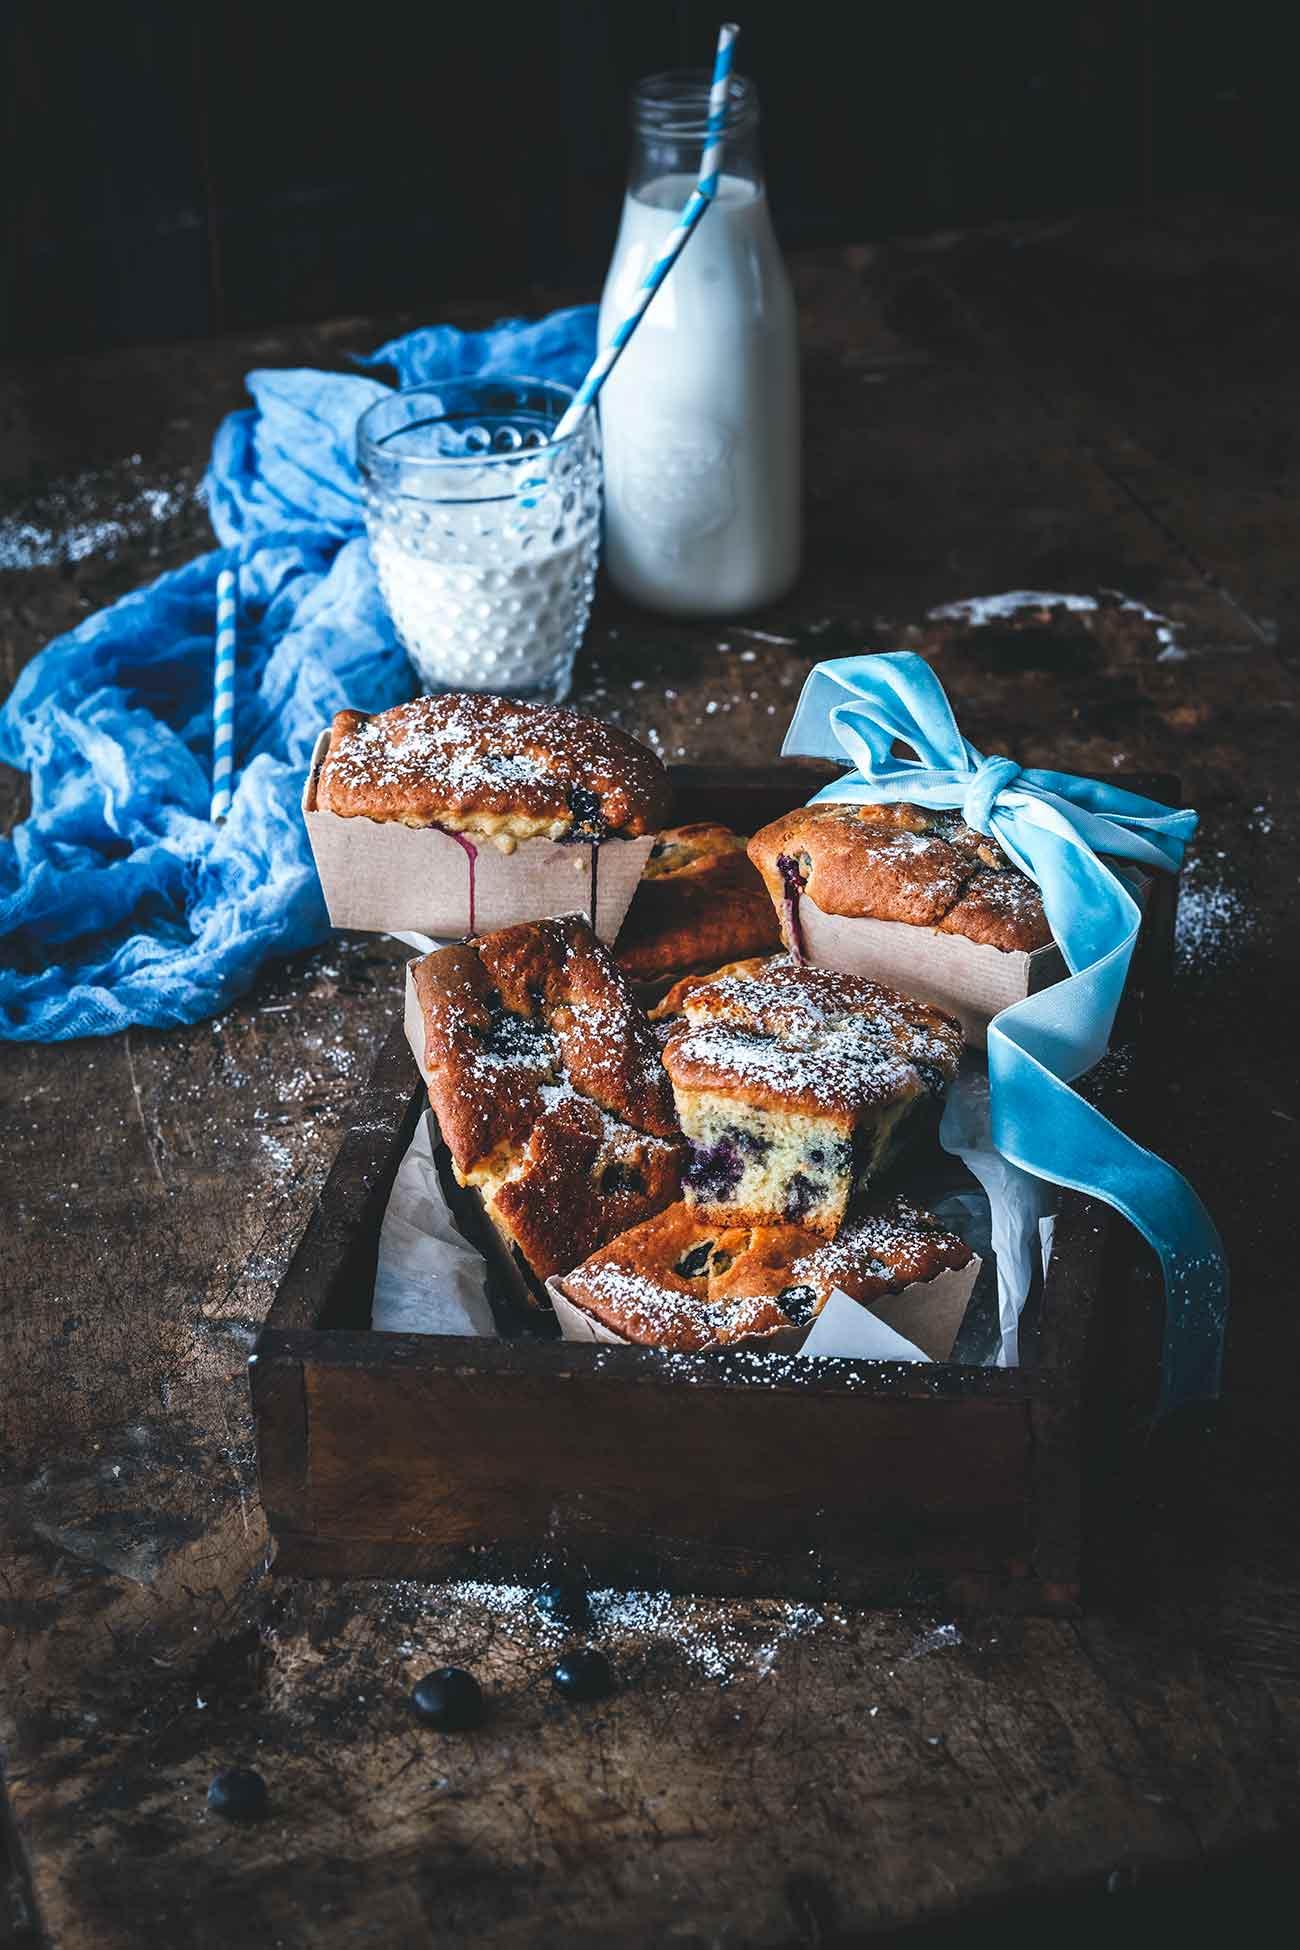 Kleine Kuchen haben den Vorteil, dass man einen ganzen Kuchen sein eigen nennen darf. Diese kleinen Blaubeer-Kuchen sind so fruchtig und saftig, dass sie auch am nächsten Tag noch richtig lecker sind (also für den Fall, dass noch ein Kuchen übrig bleibt).